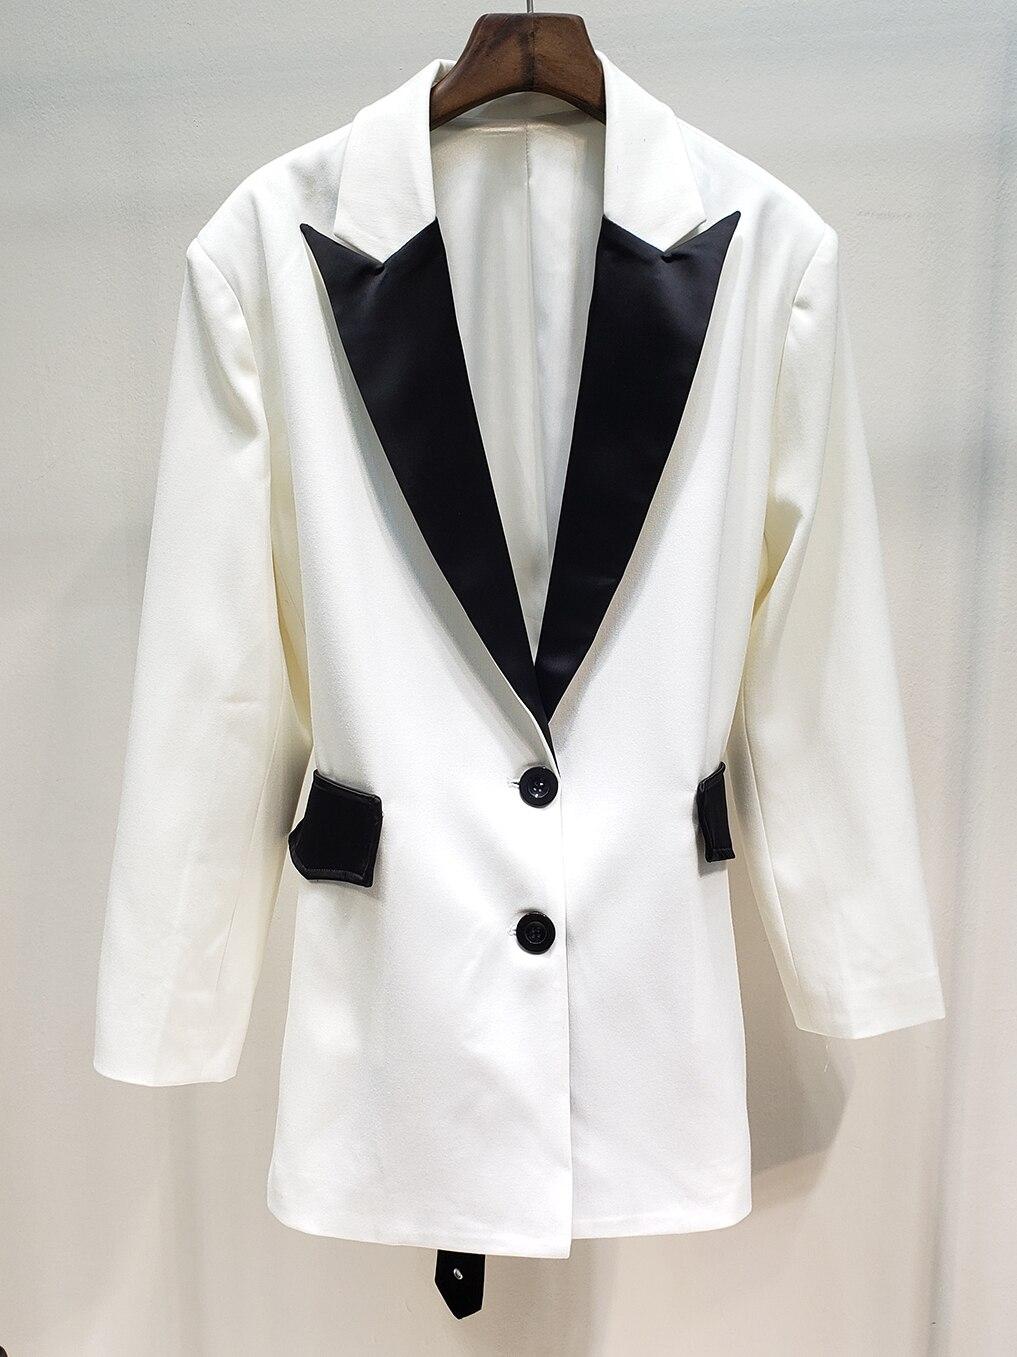 Couleur Lâche Unique Down Blanc Et Blazers Vestes 2019 White Col Noir Printemps Hit Femmes Turn Poitrine xqzvwT8X